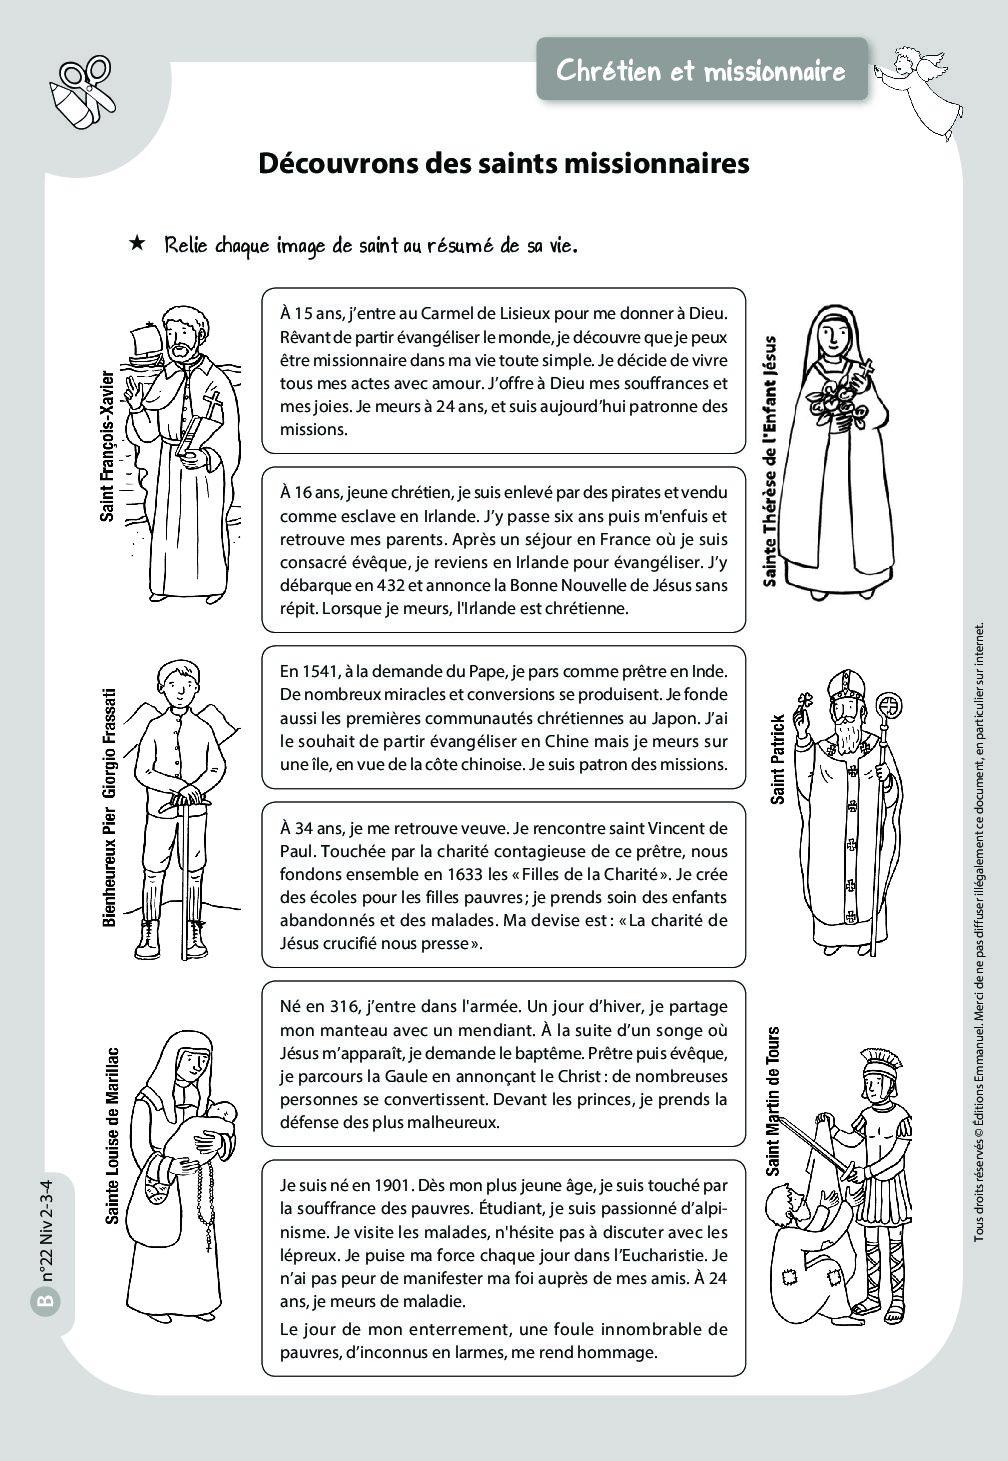 Les Sept Dons De L'esprit Saint : l'esprit, saint, L'Esprit, Saint, Catéchisme, Emmanuel